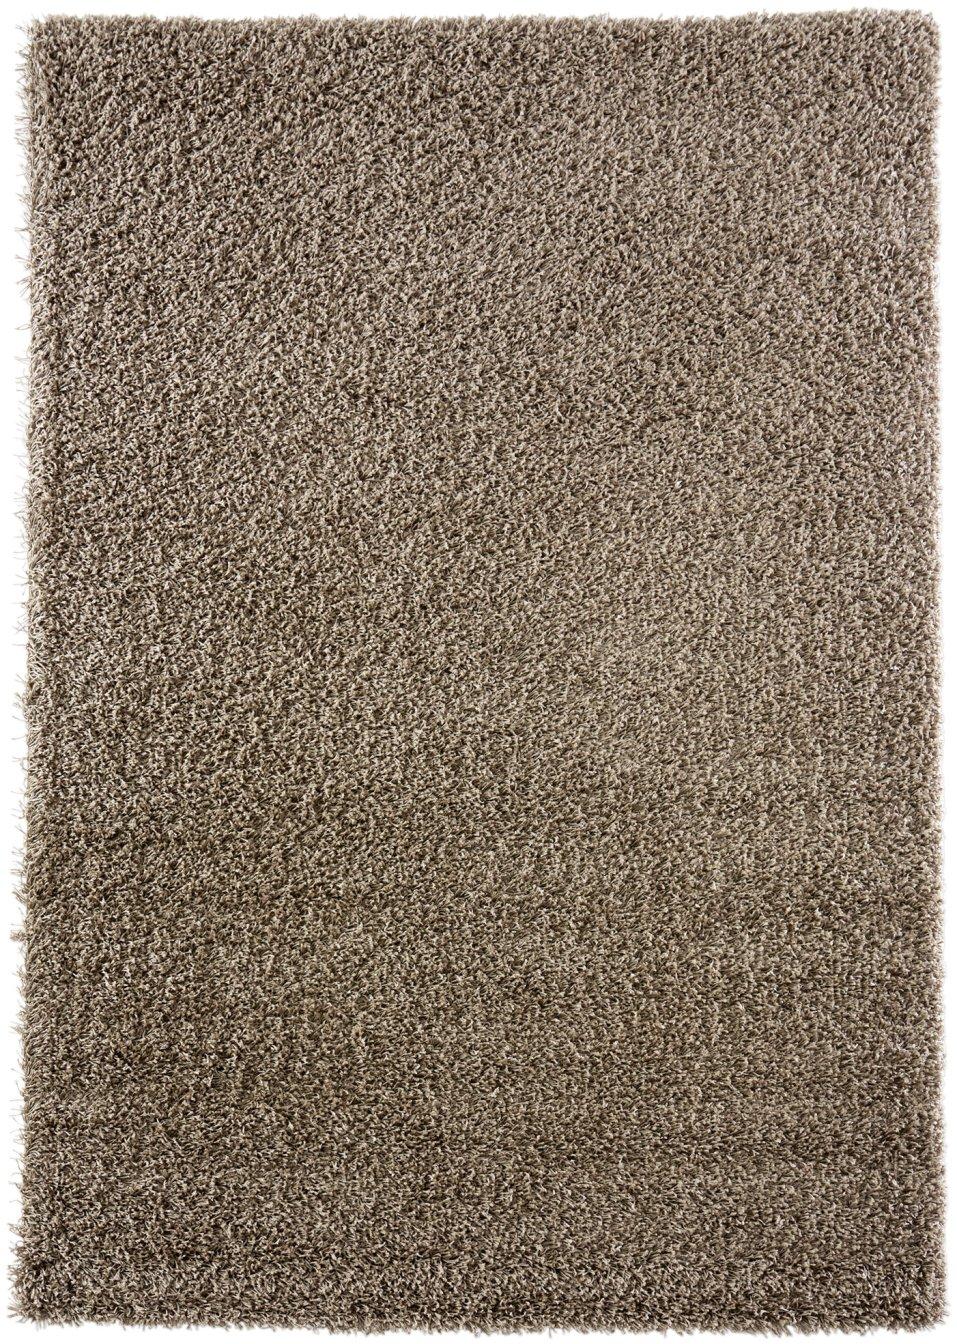 tapis toronto gr ge bpc living. Black Bedroom Furniture Sets. Home Design Ideas